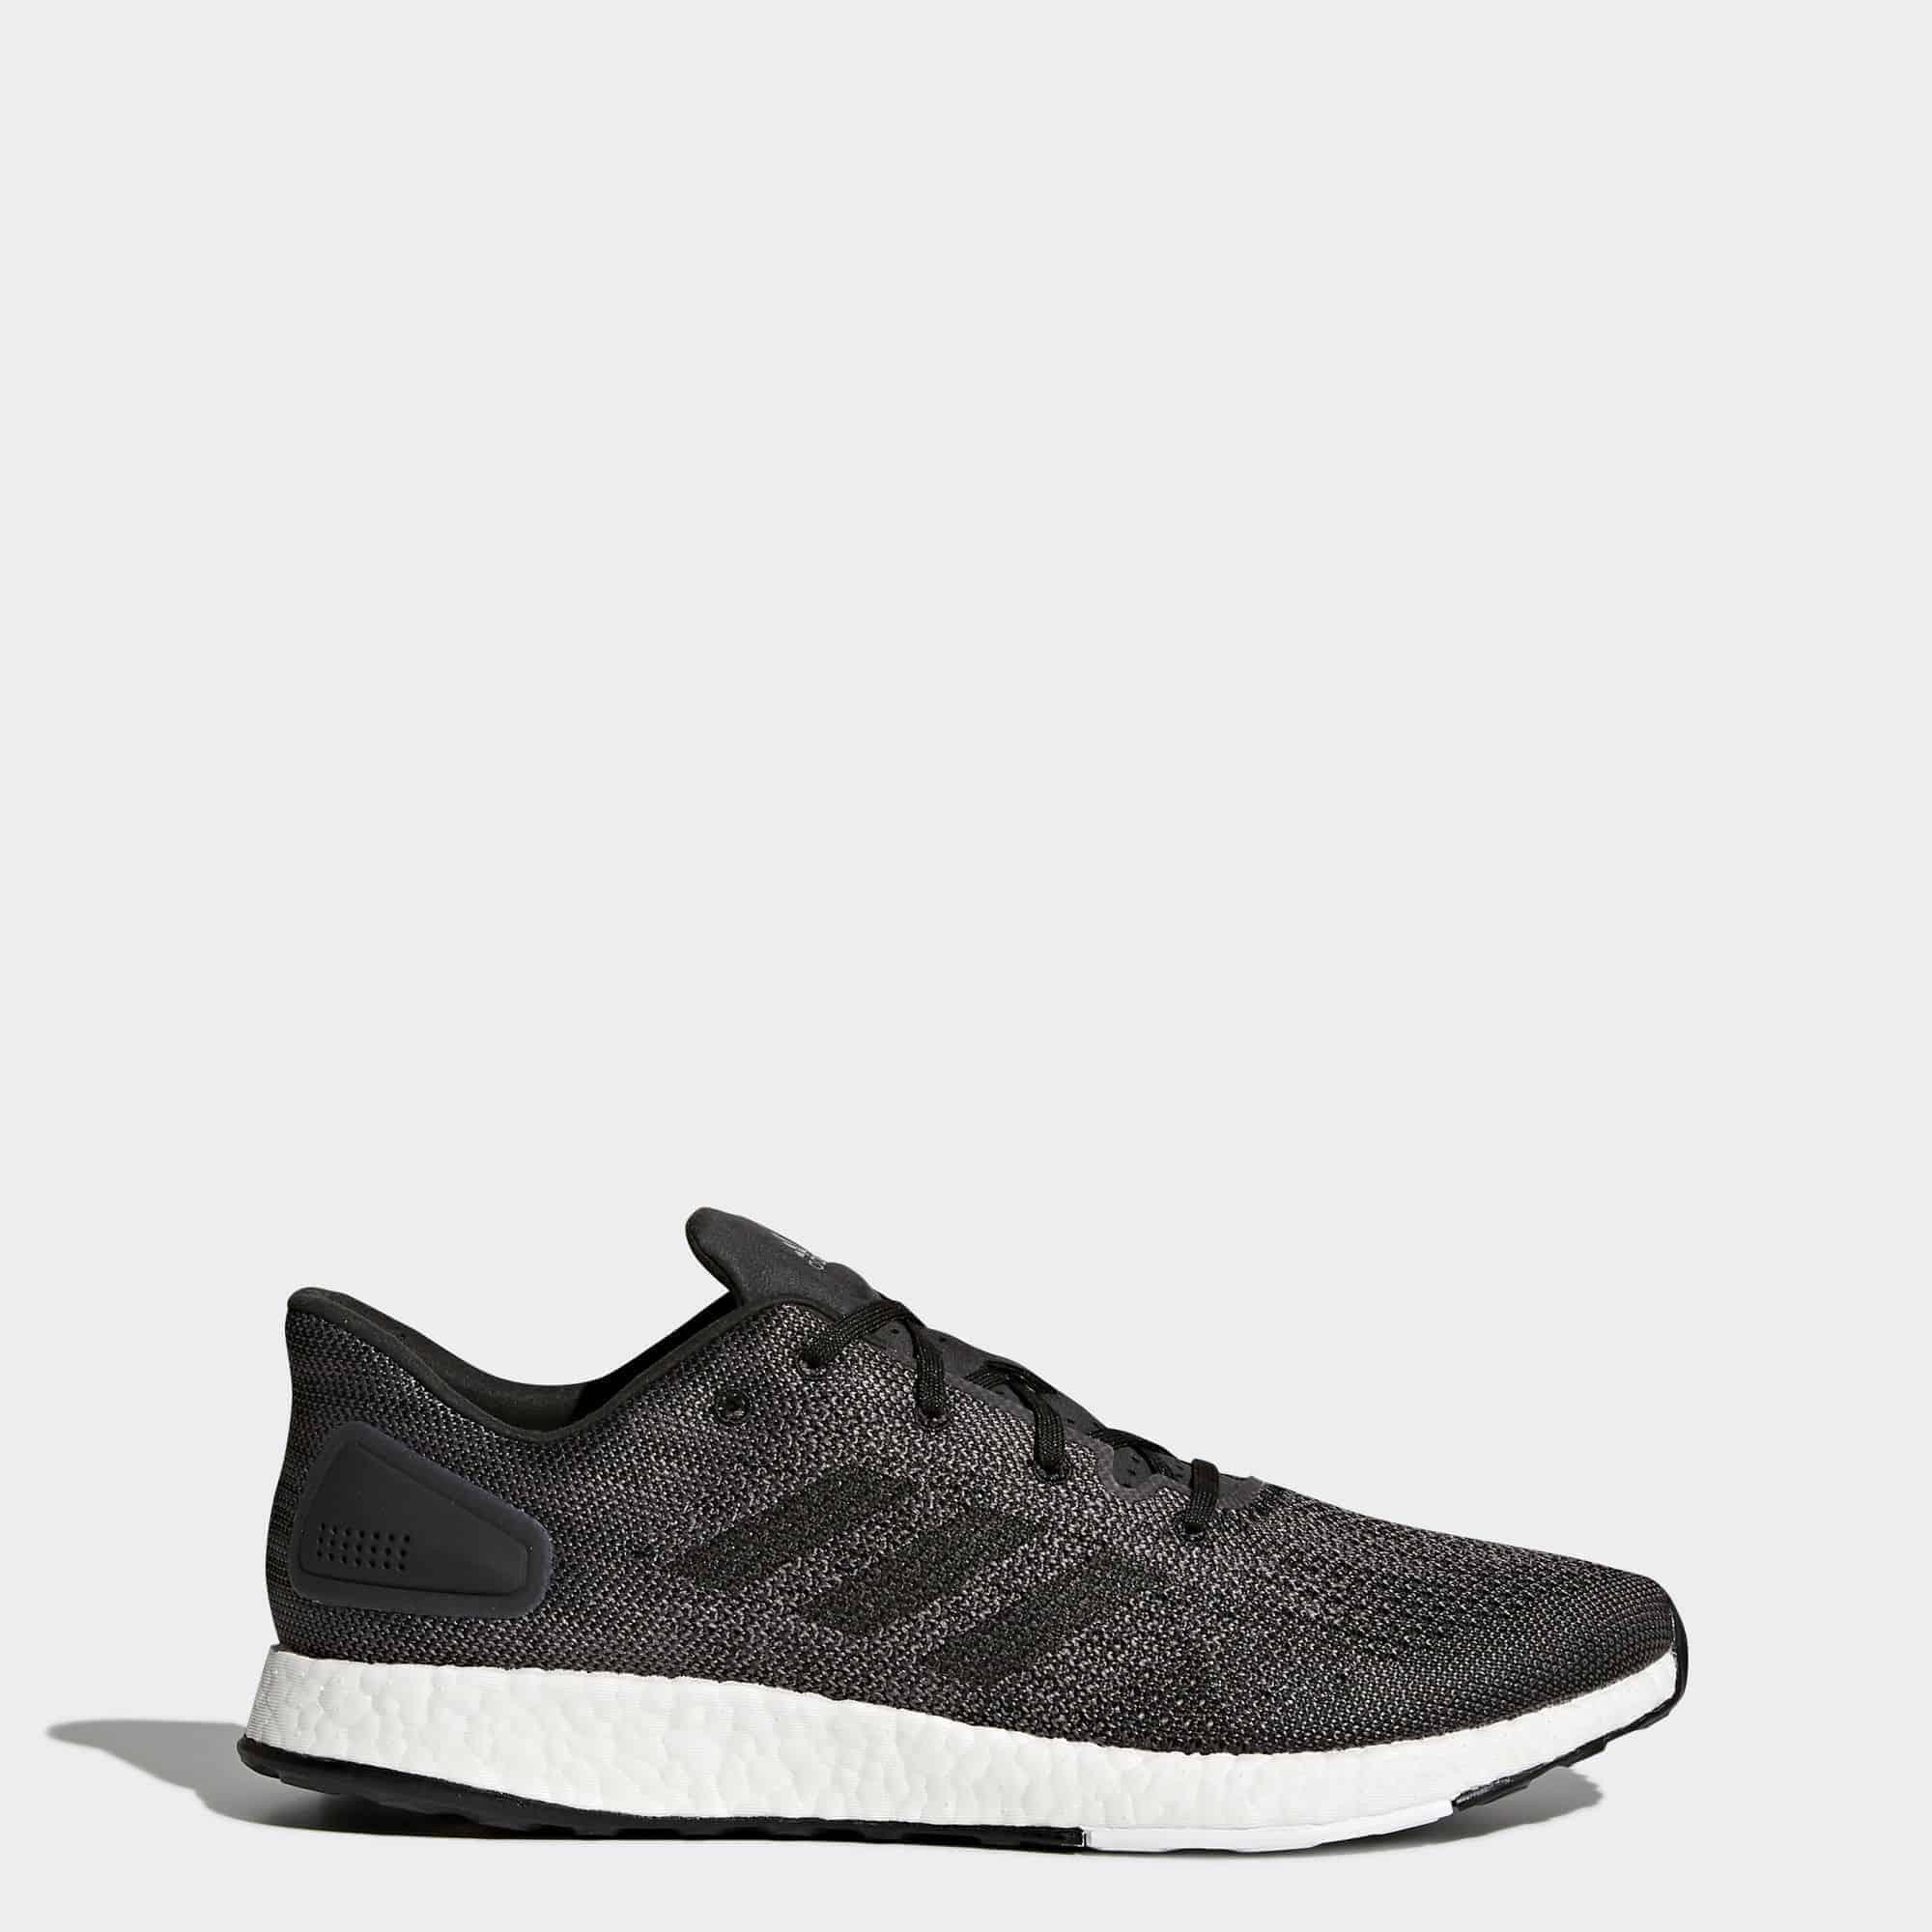 Кроссовки для бега Adidas Pureboost DPR мужские